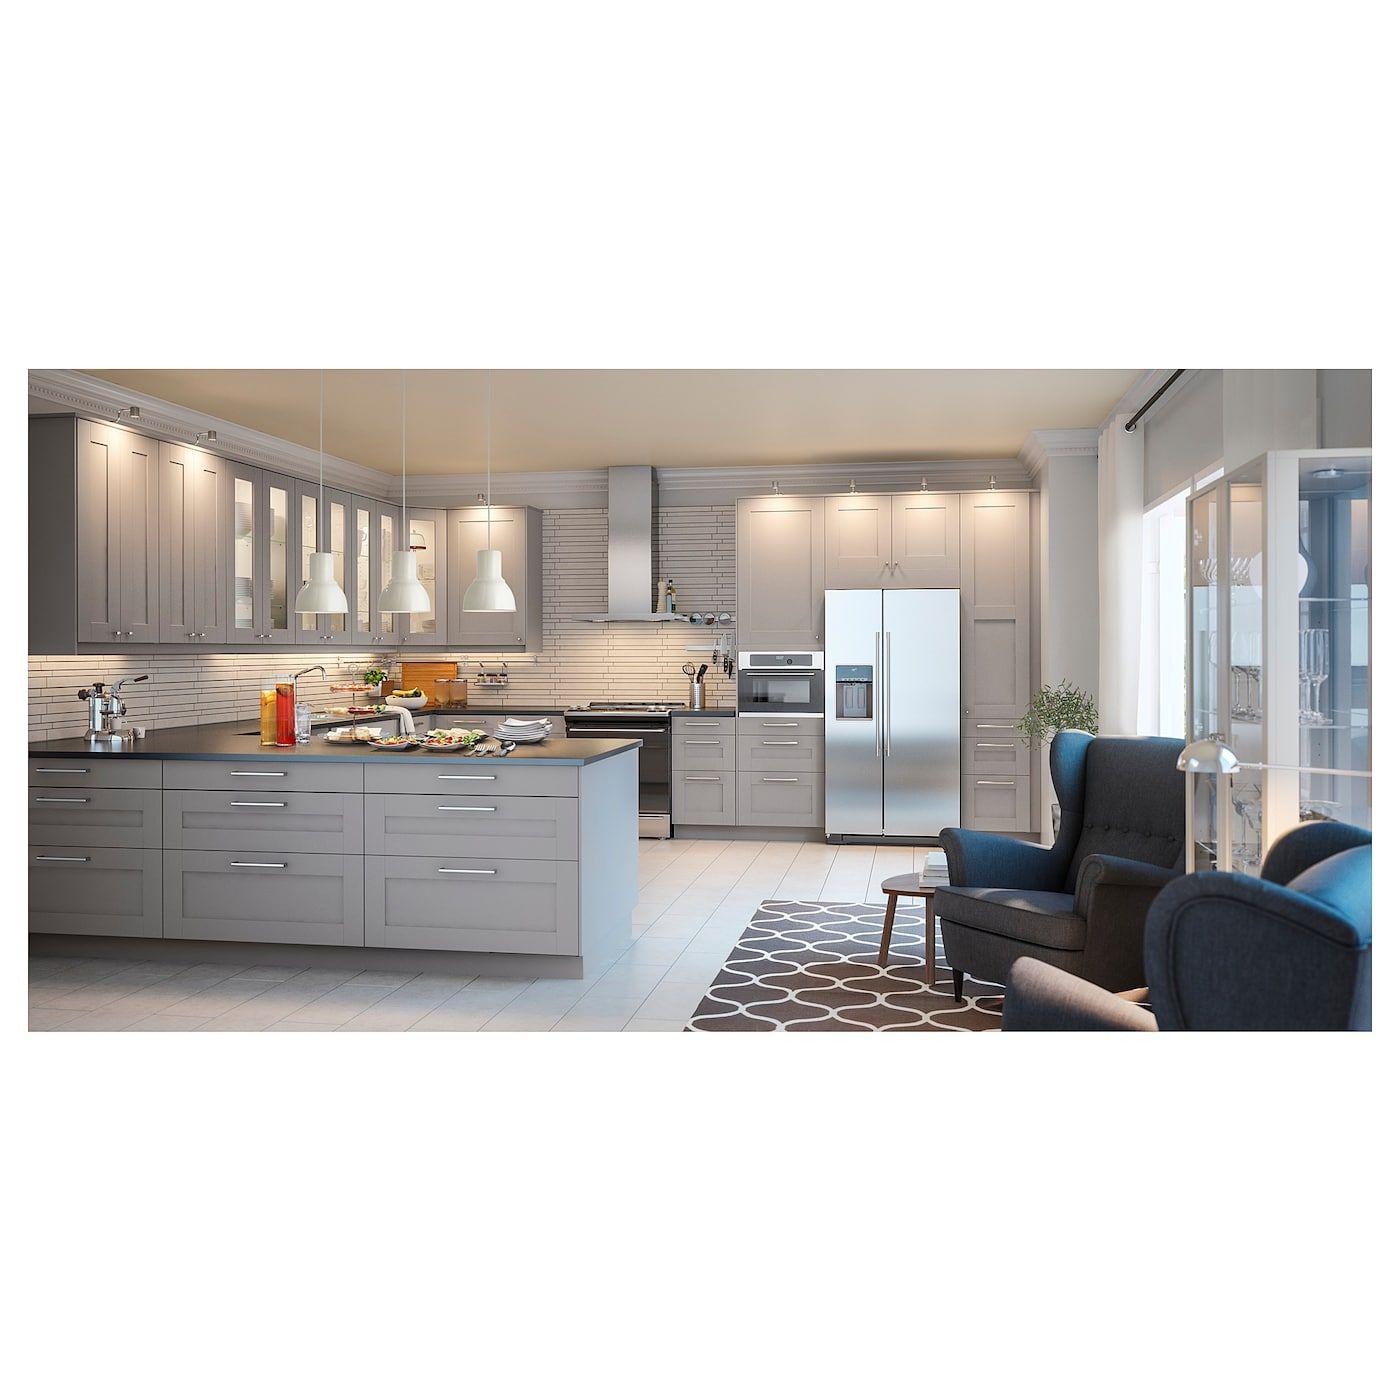 GRIMSLÖV Door - gray - IKEA  Interior design kitchen, Kitchen